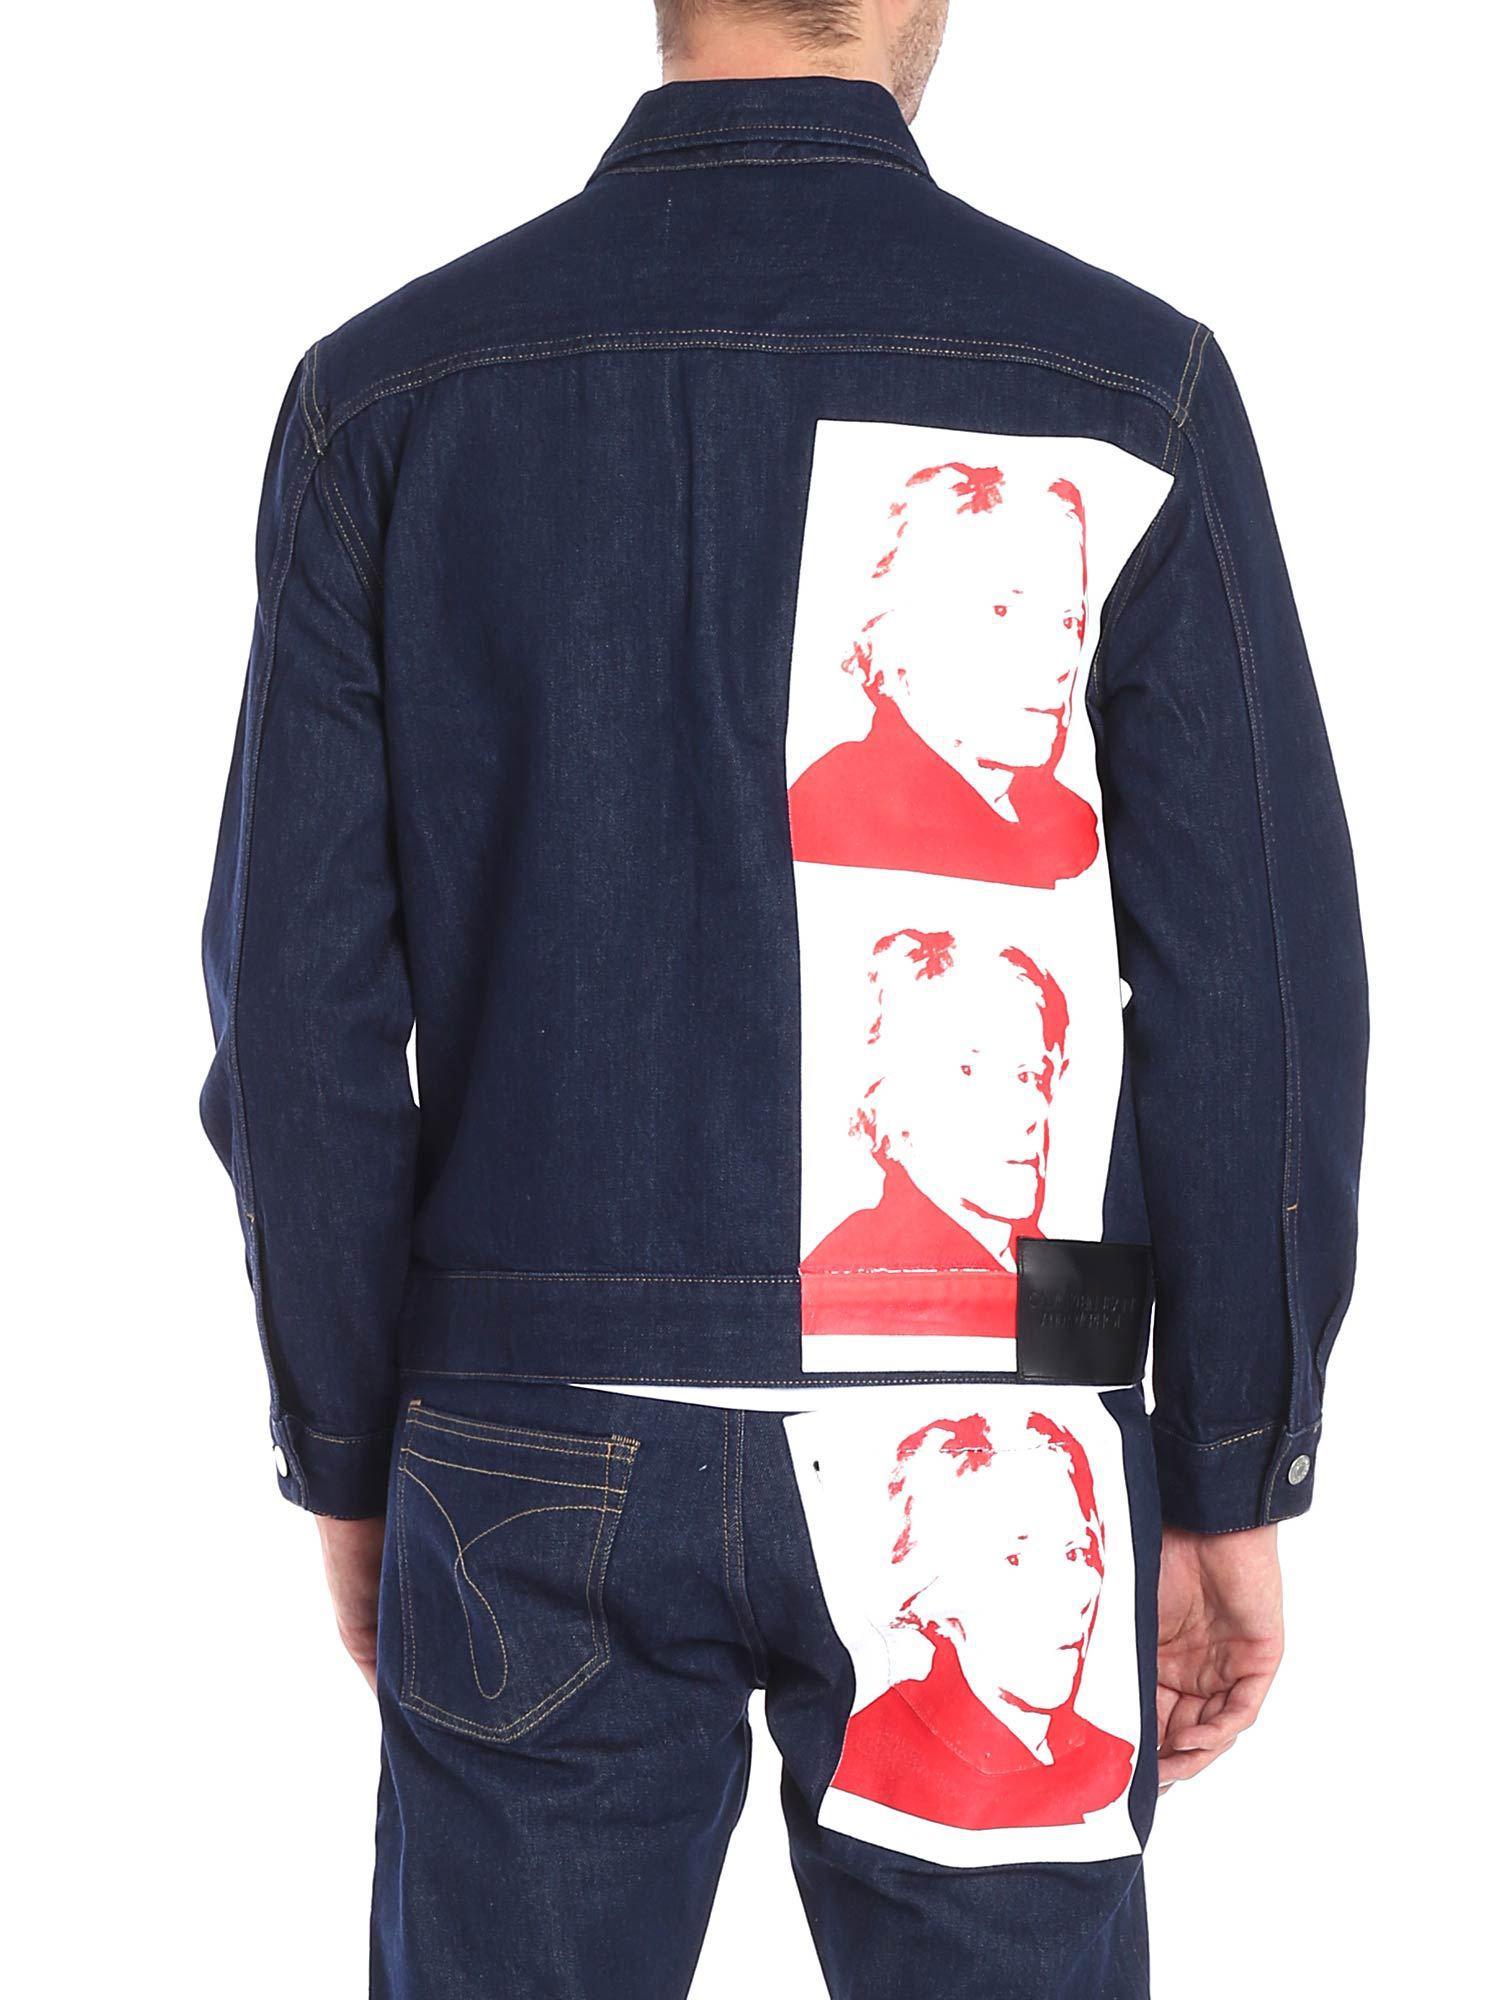 Calvin Klein Andy Warhol Denim Jacket In Blue For Men Lyst